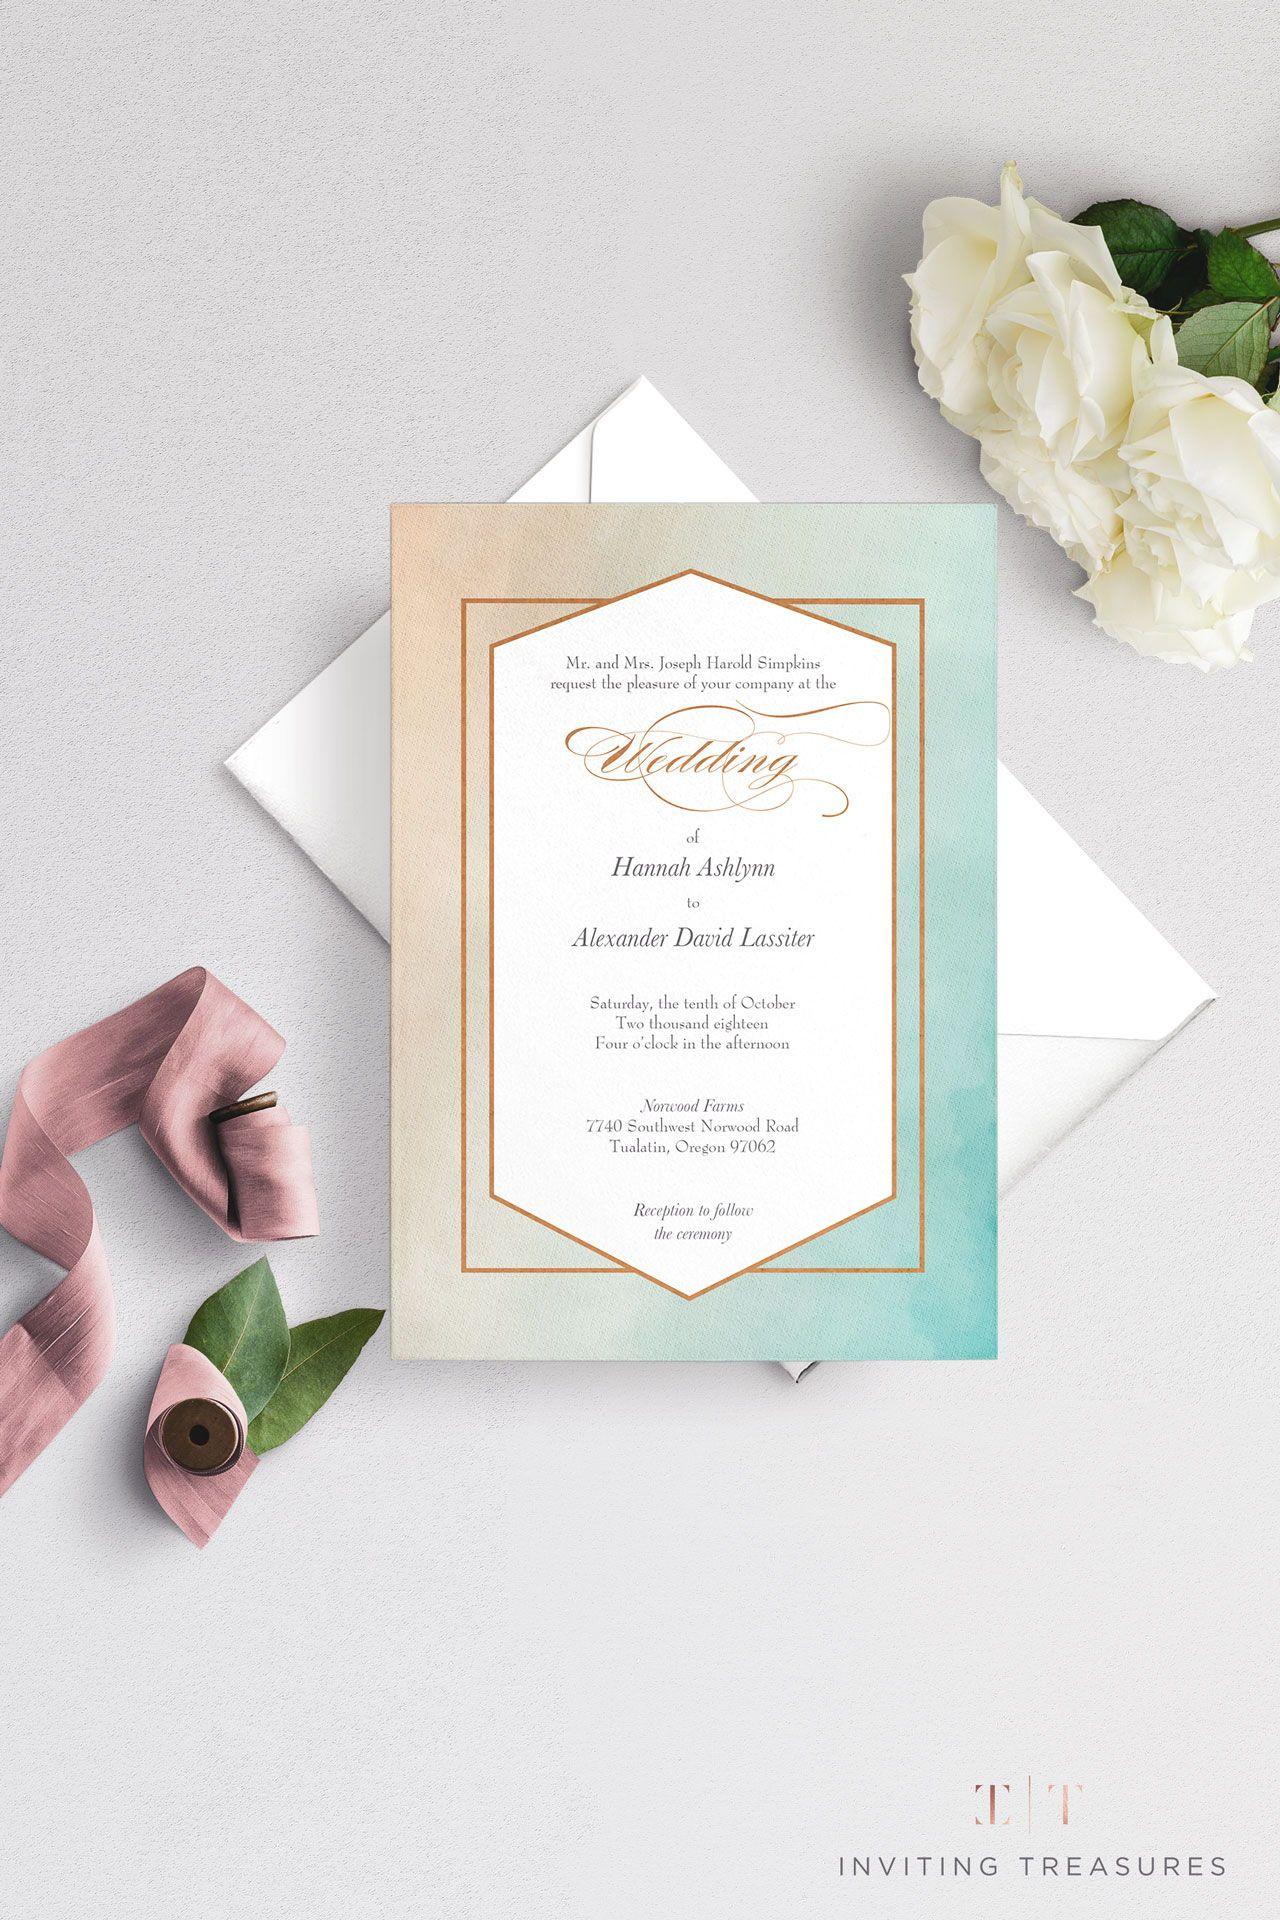 Metallic Ombre Foil Pressed Invitation Simple Wedding Invitations Making Wedding Invitations Wedding Invitations